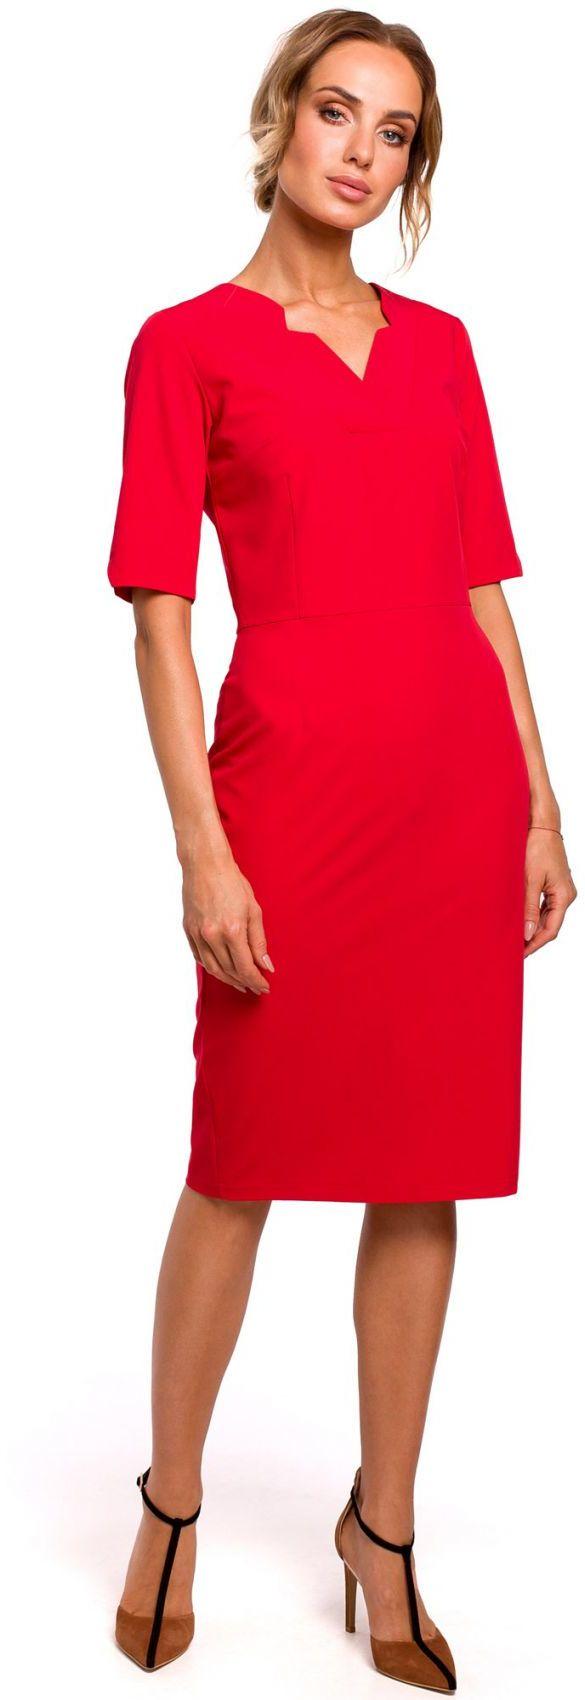 M455 Sukienka z dekoltem v - czerwona